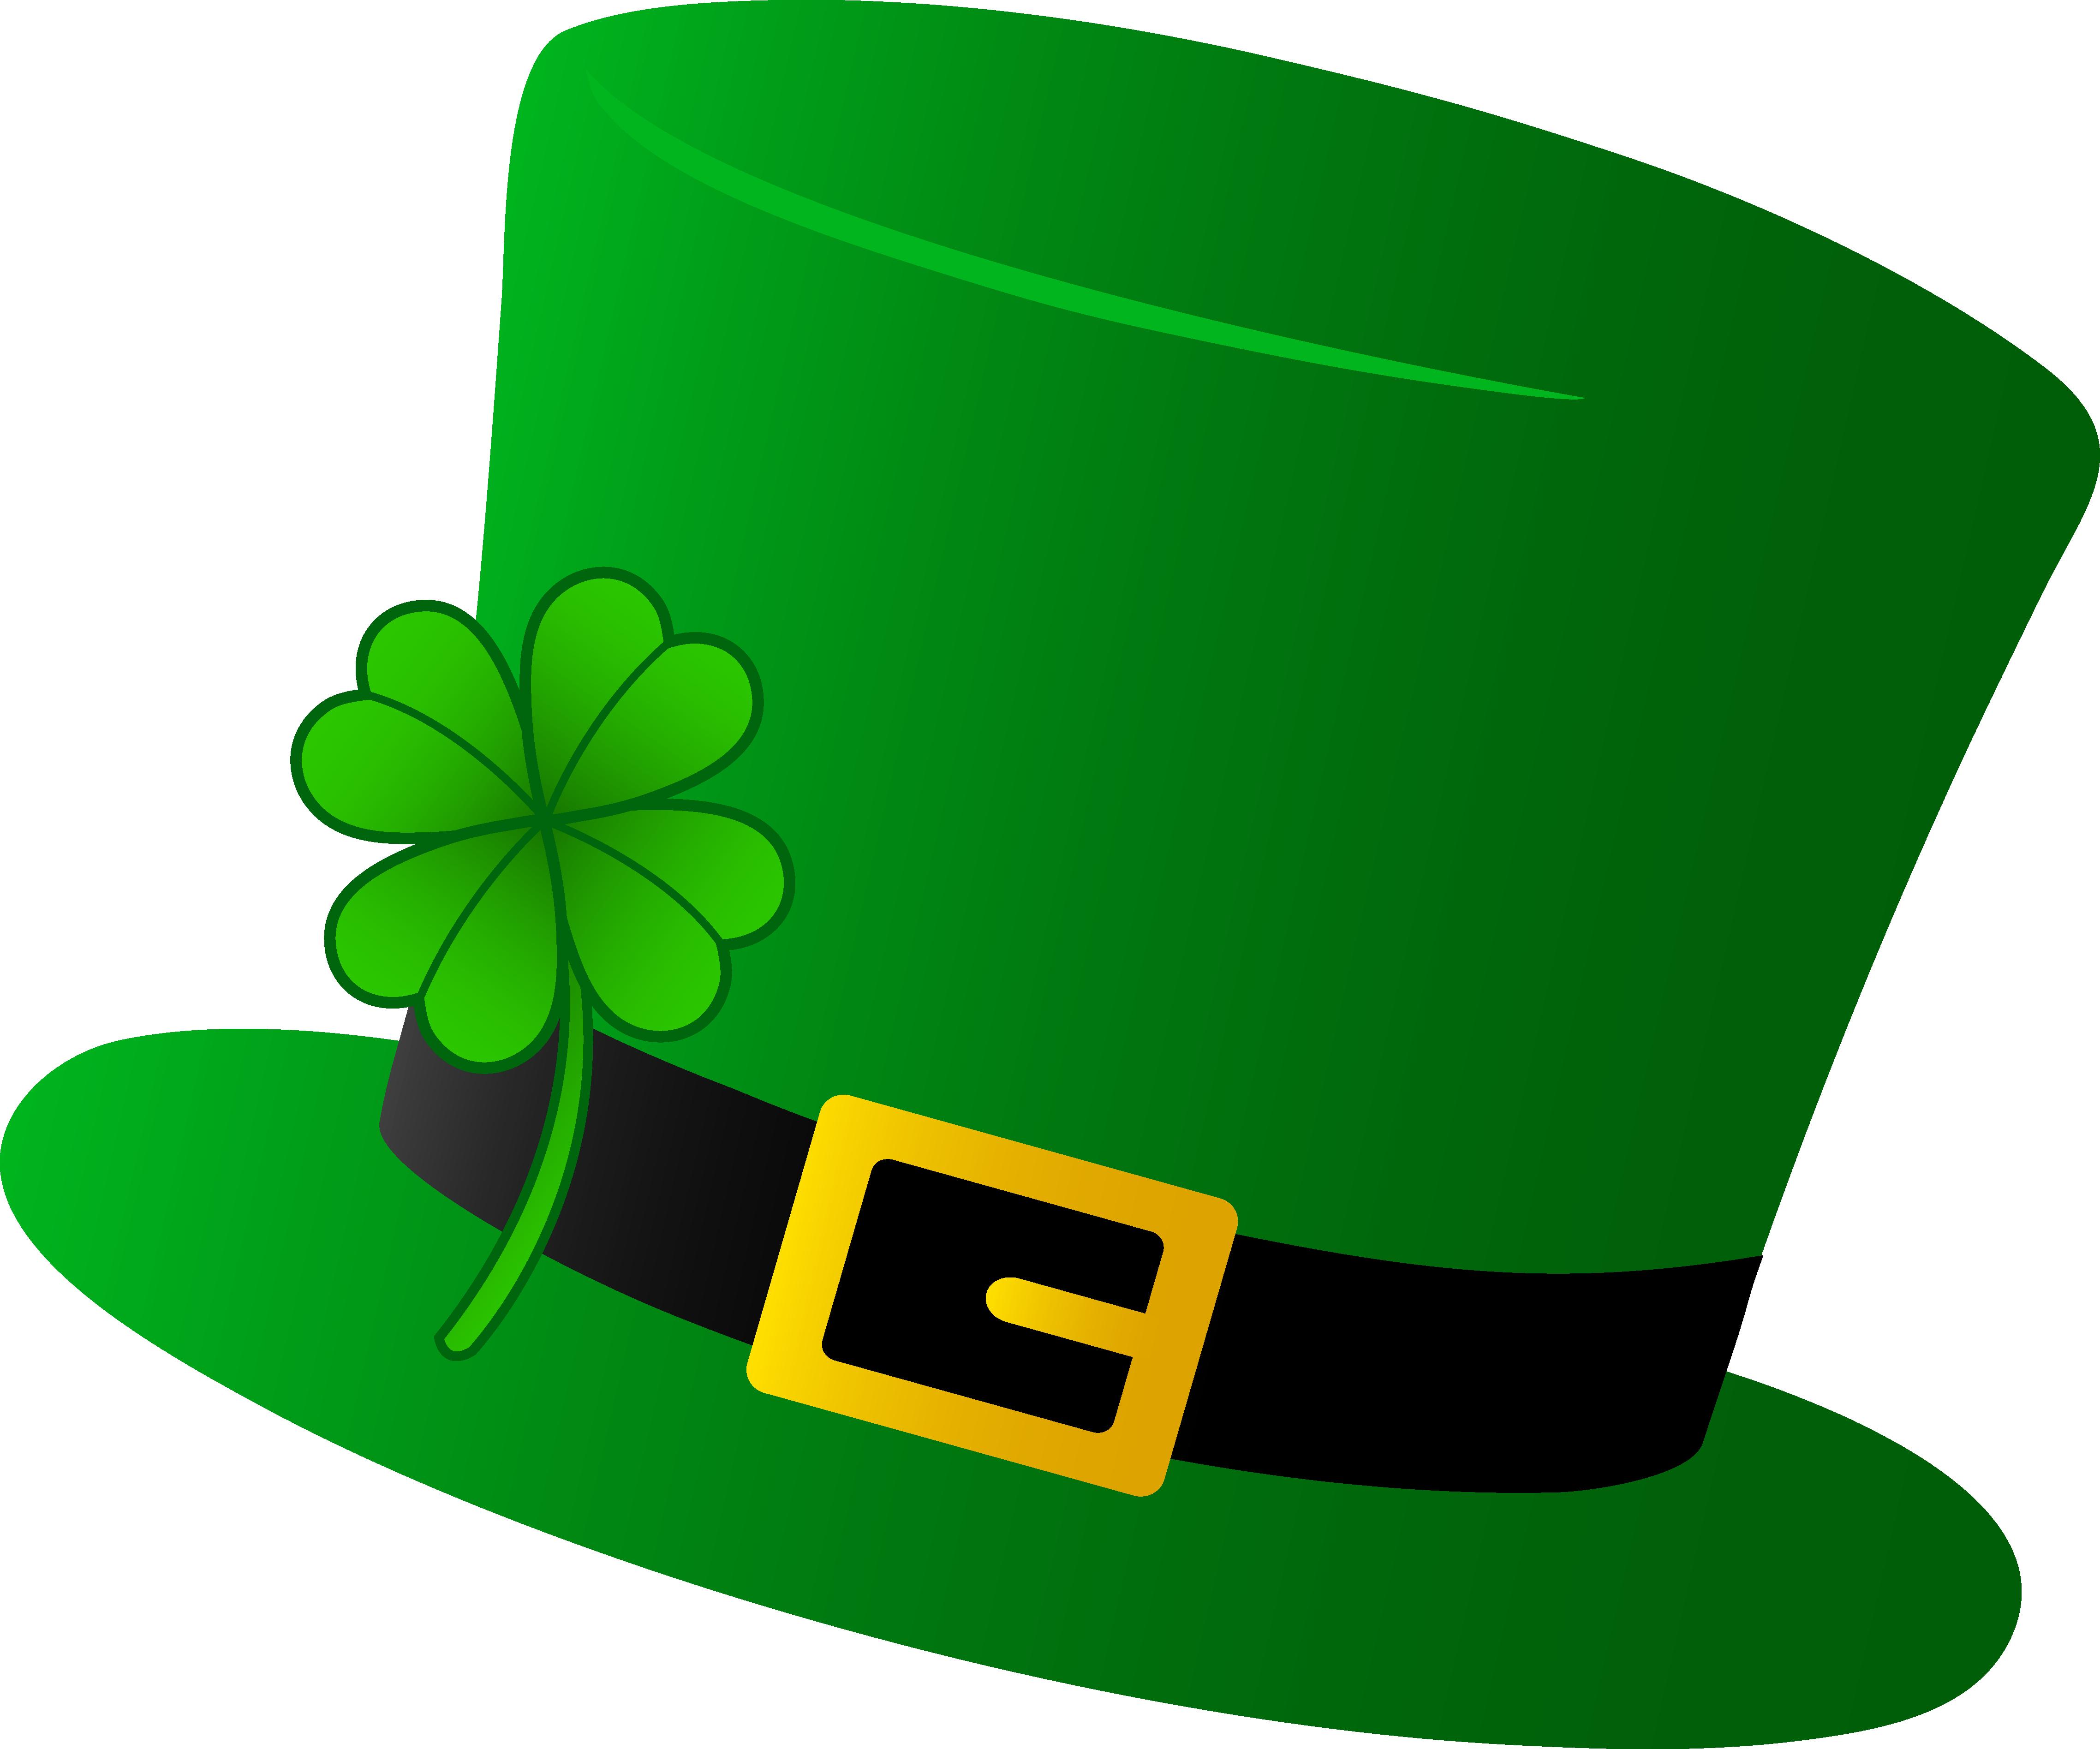 4552x3791 St Patricks Day Snoopy St Patrick Cliparts